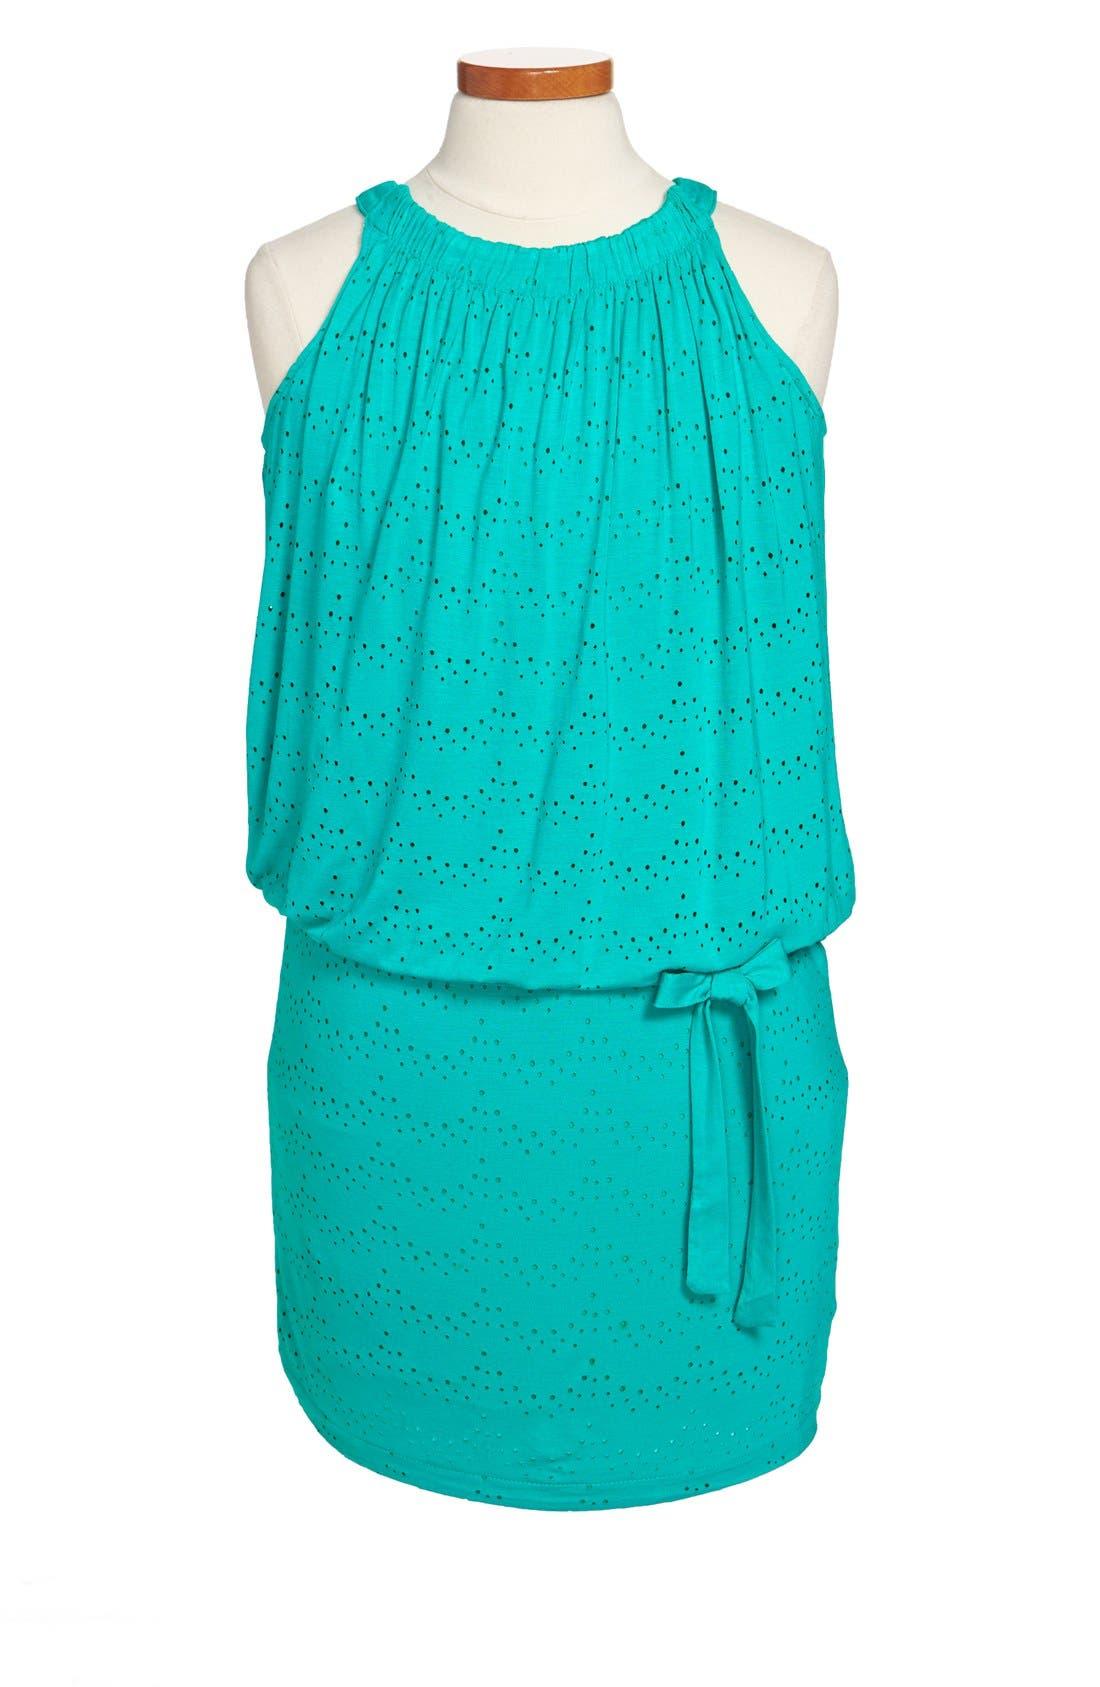 Alternate Image 1 Selected - Nicole Miller Laser Cut Dress (Big Girls)